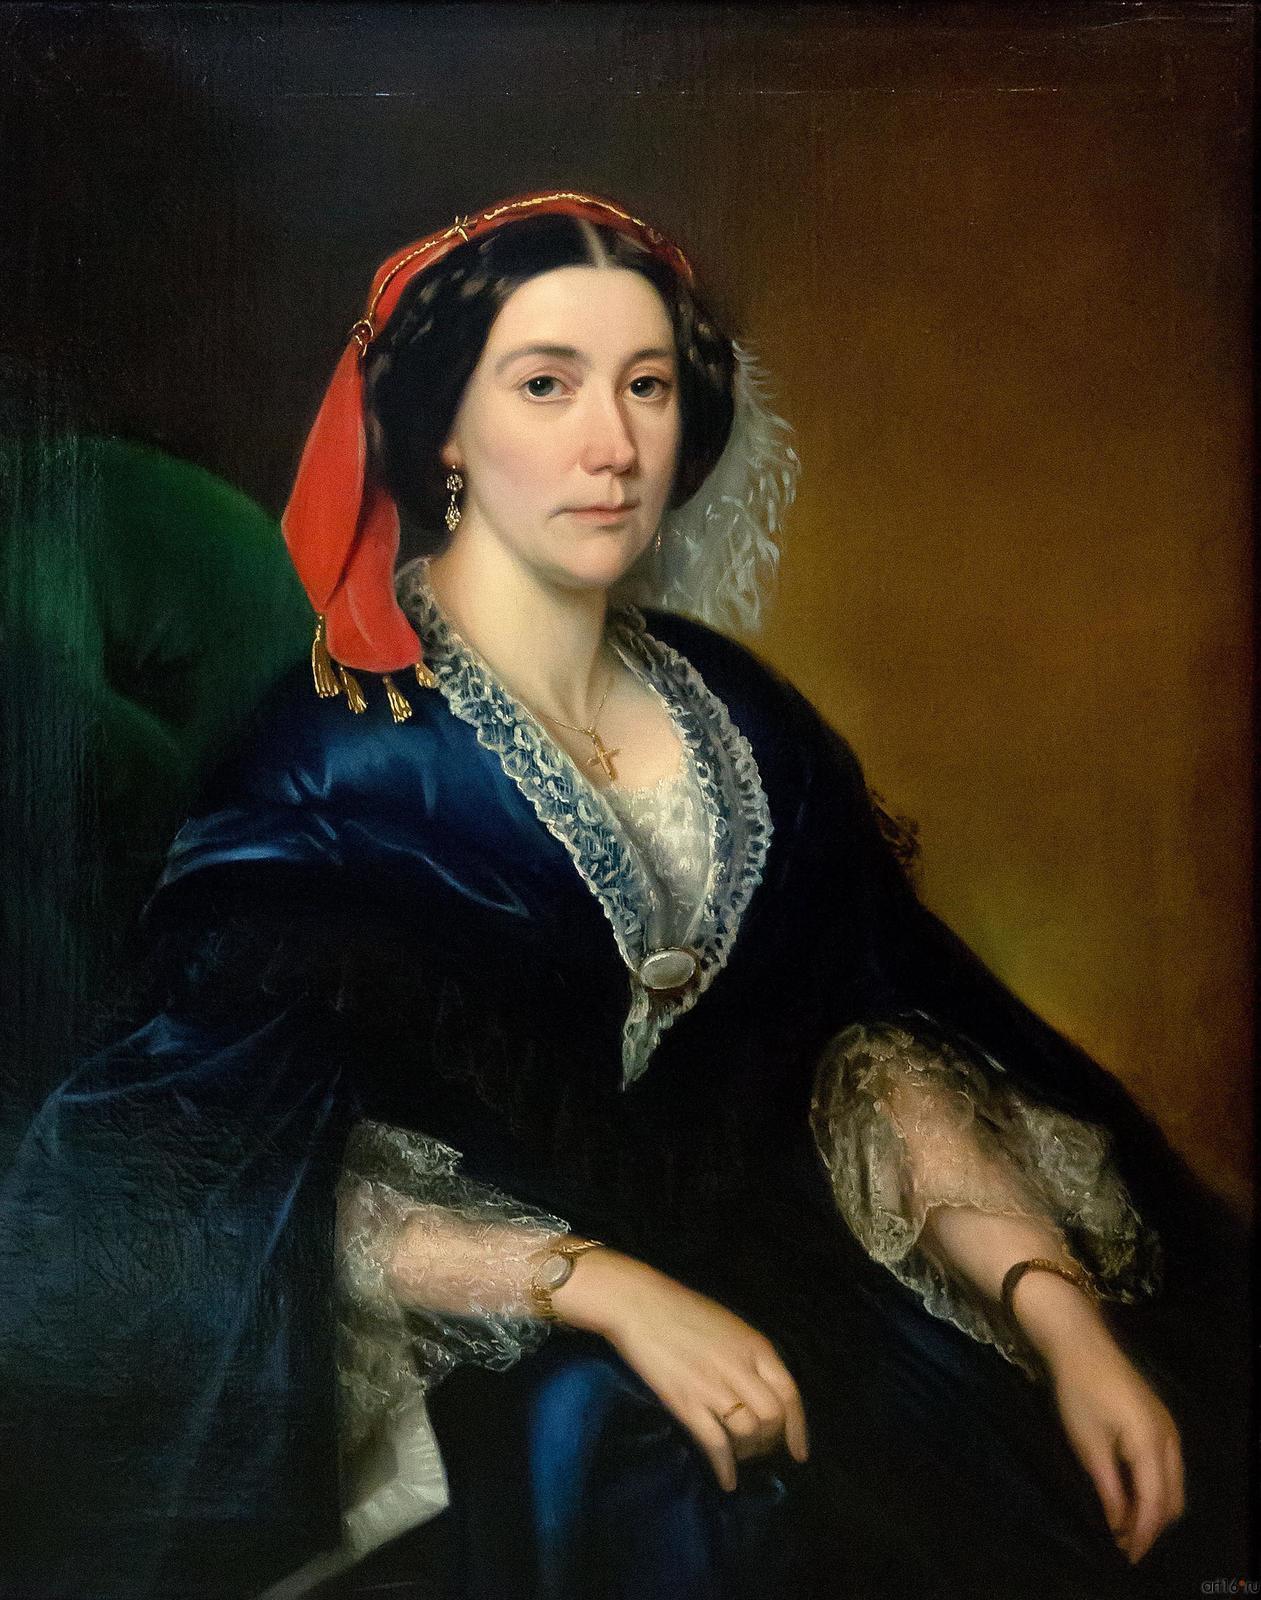 Фото №739287.  Женский портрет. Середина 1850-х годов